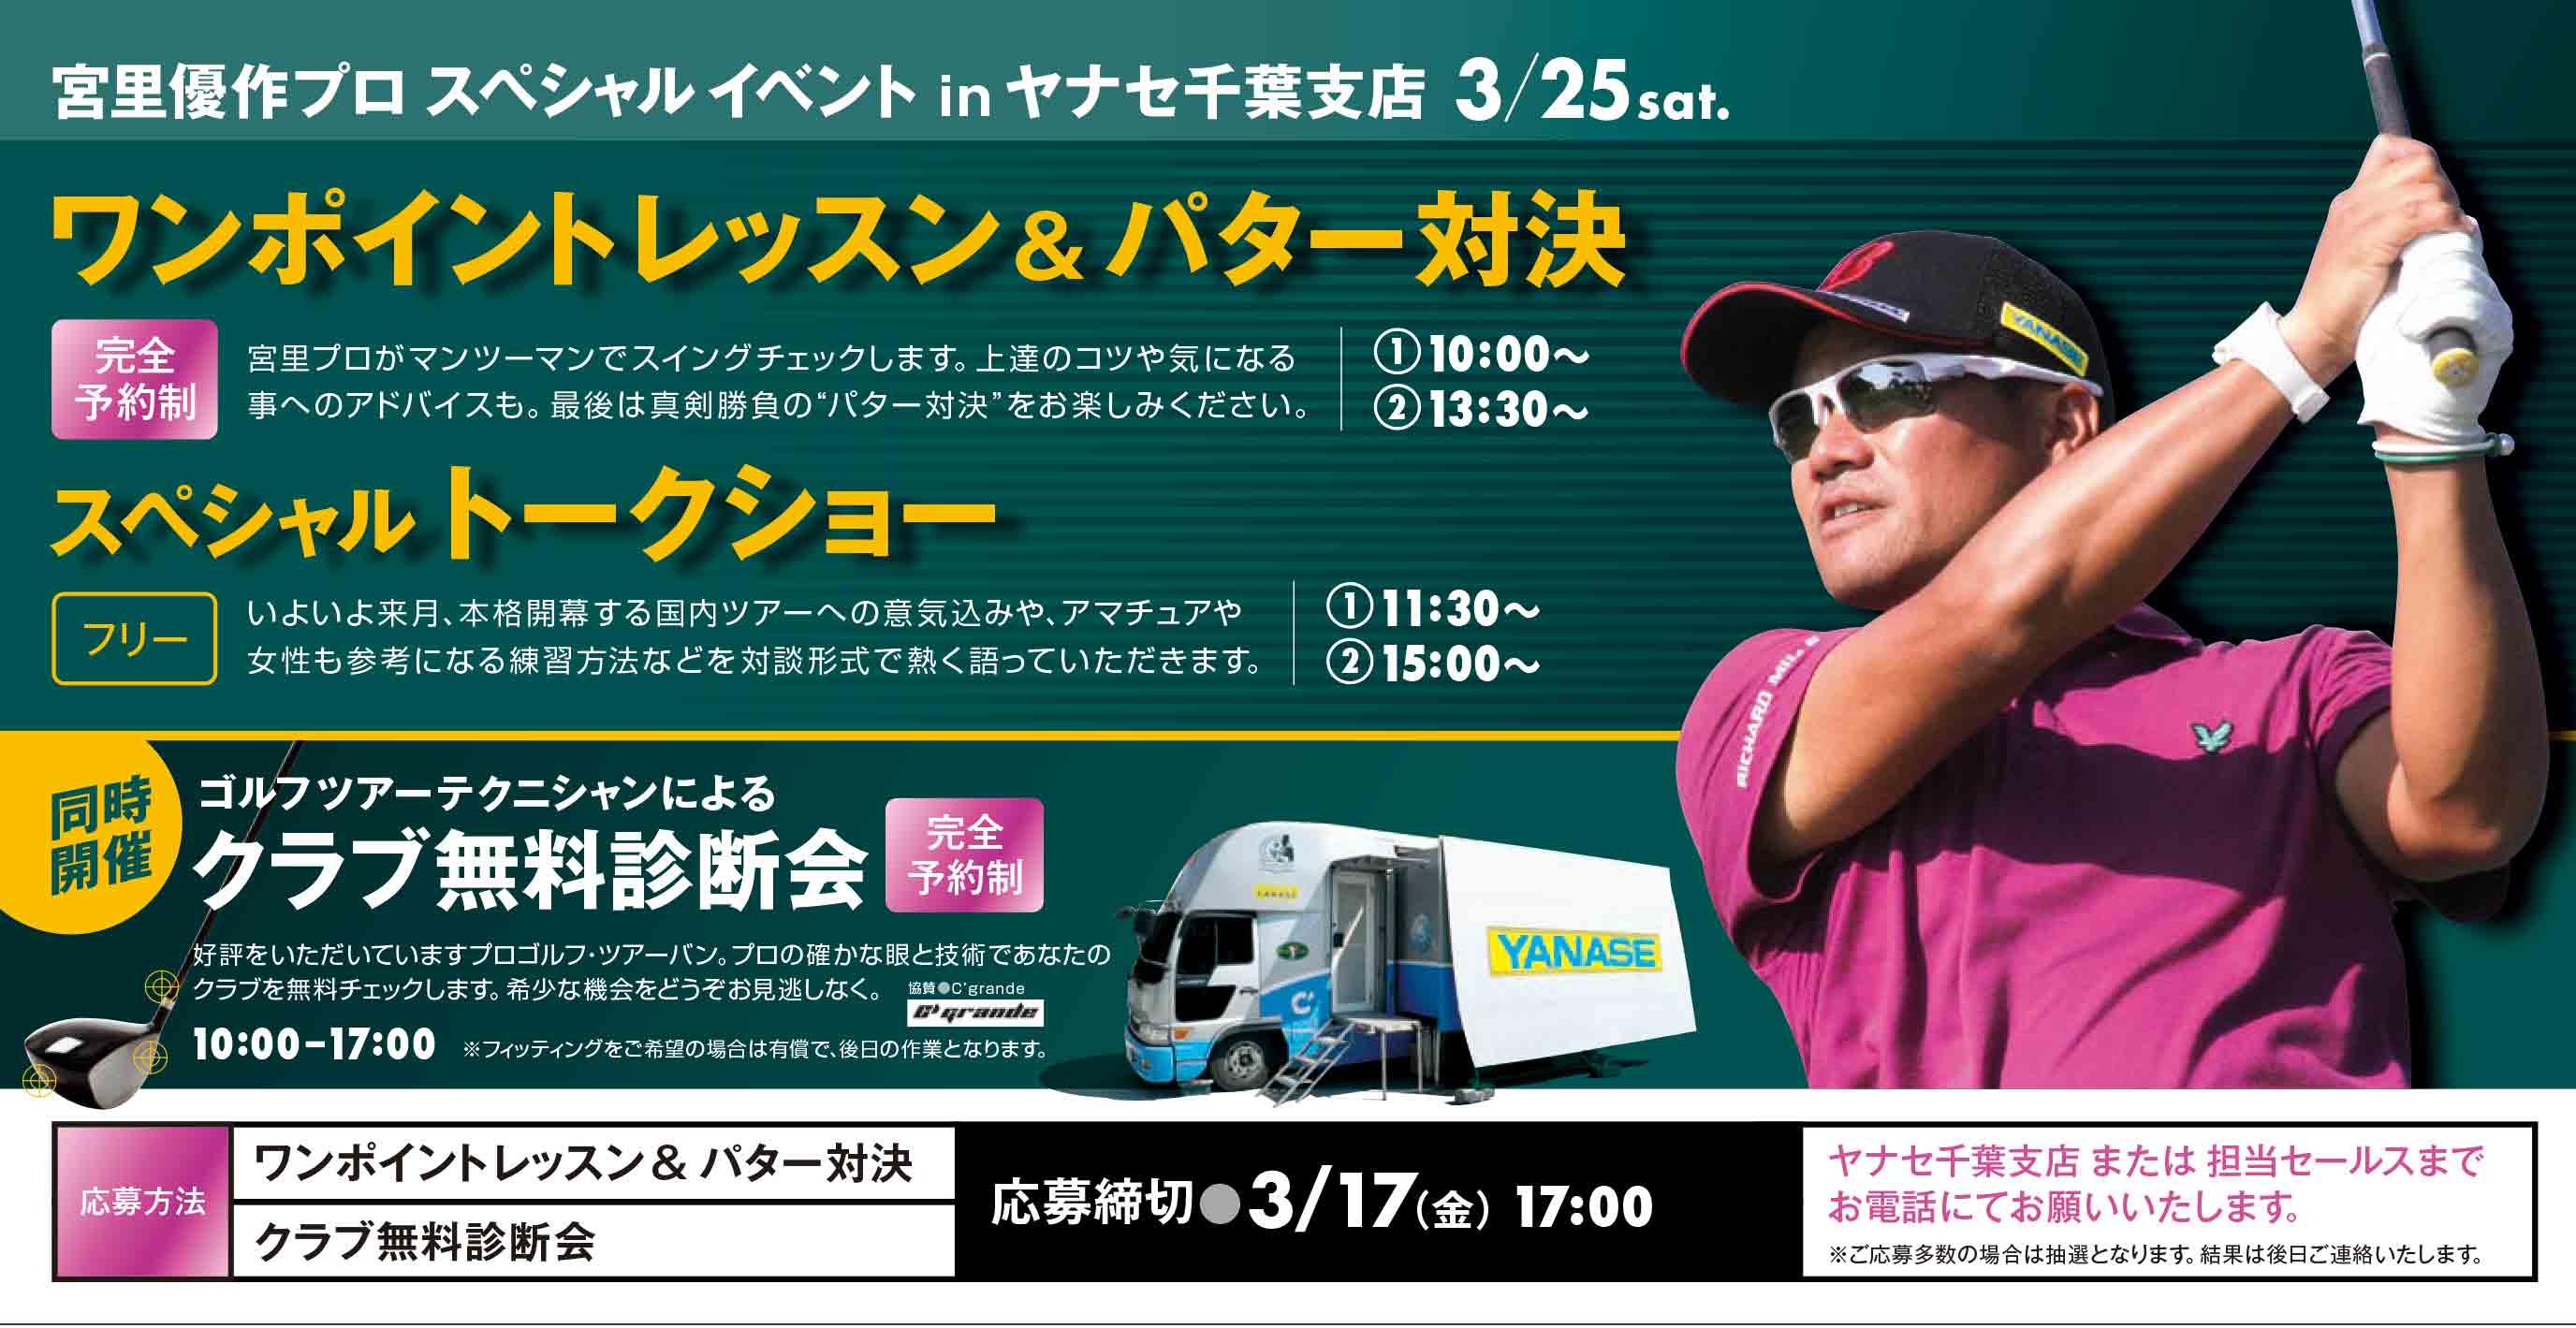 ヤナセ千葉イベントバーナー